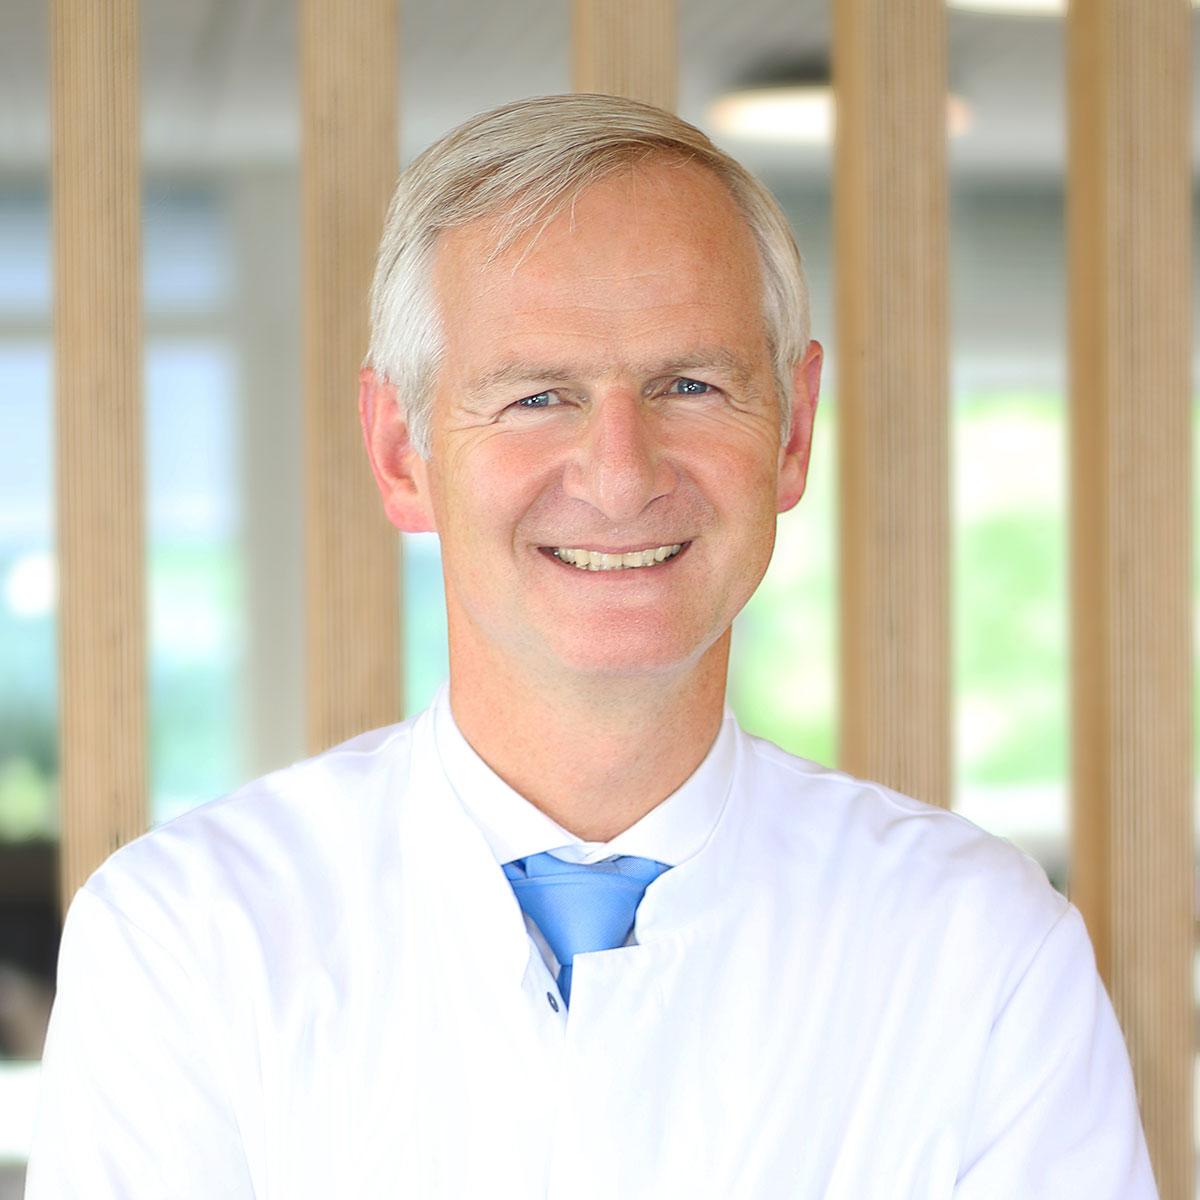 Prof. Dr. med. Christoph Michael Kosinski